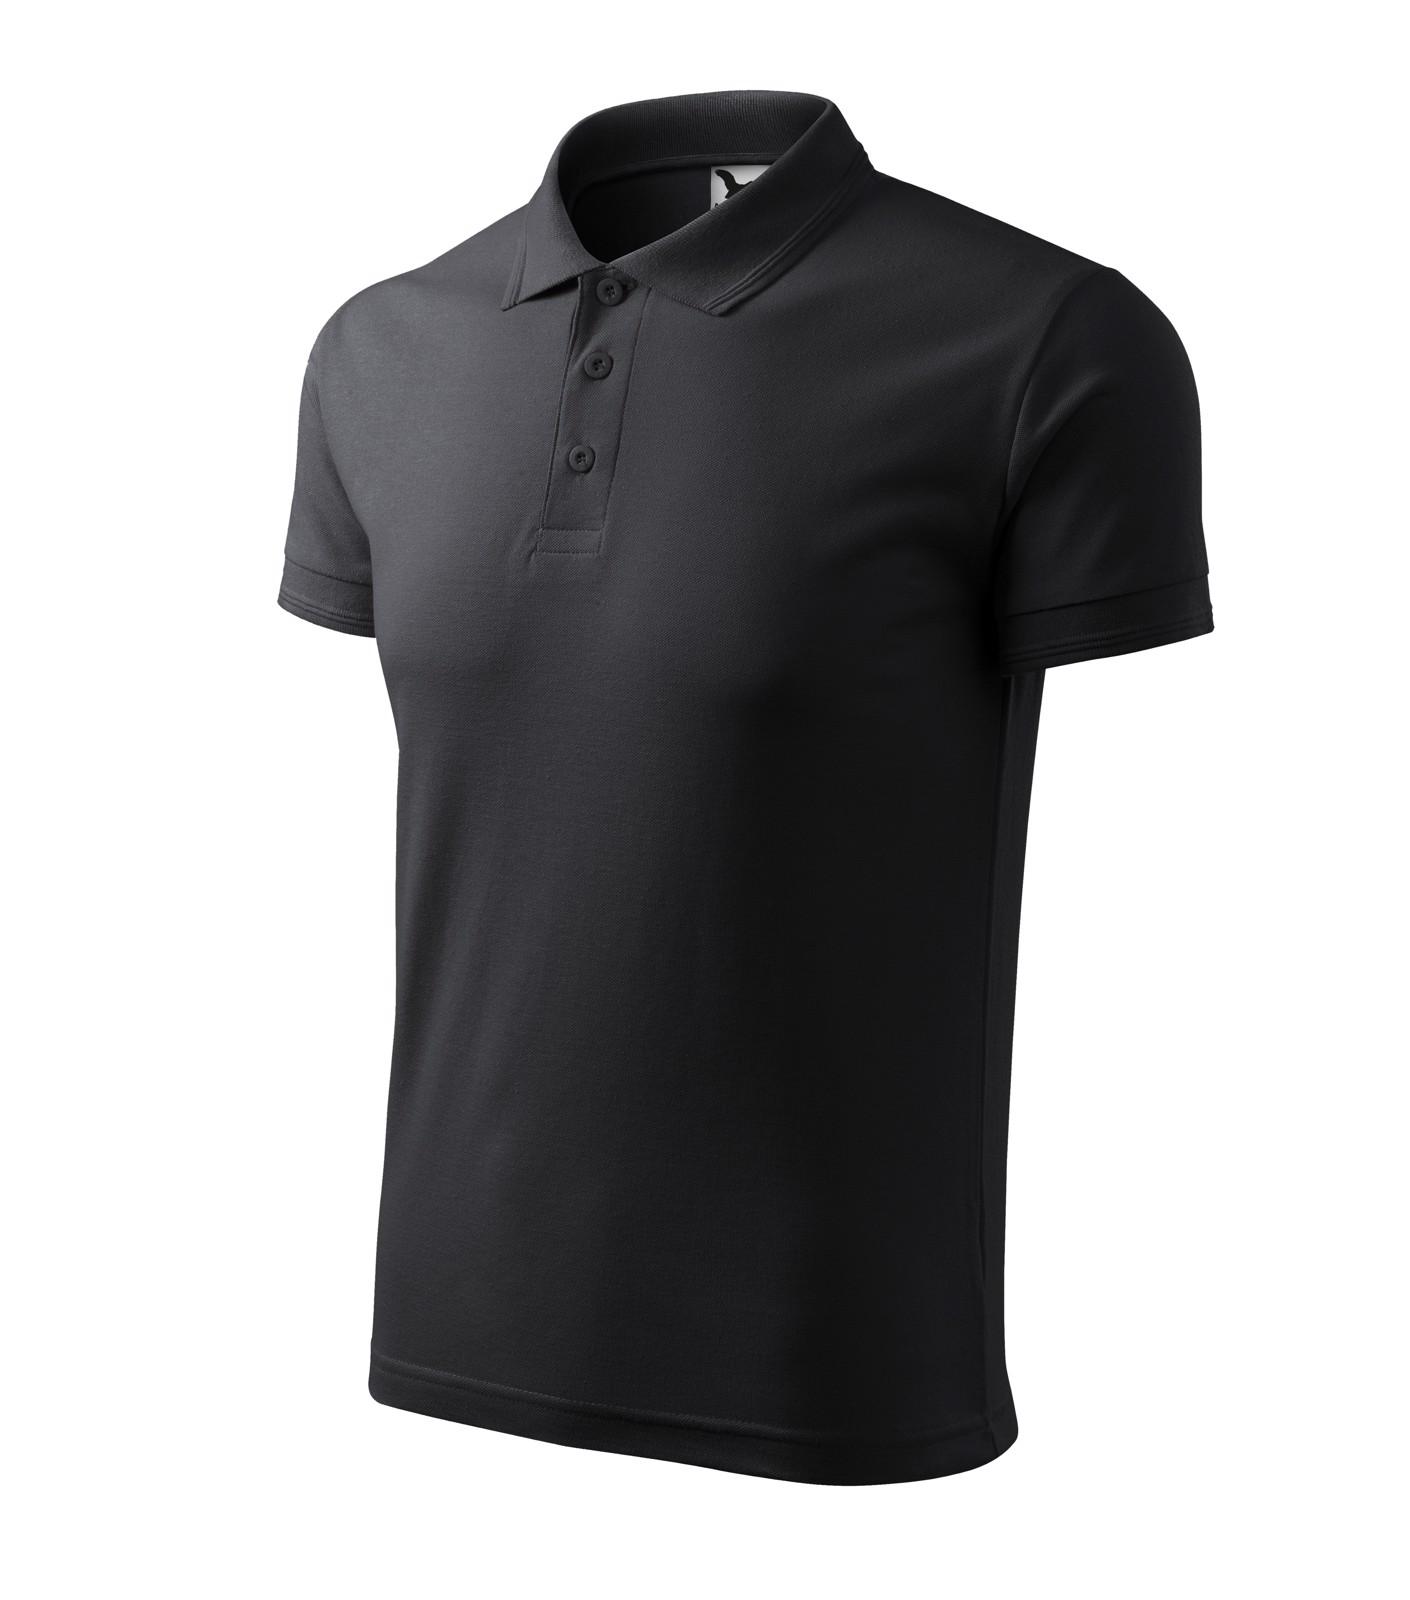 Polo Shirt men's Malfini Pique Polo - Ebony Gray / 3XL